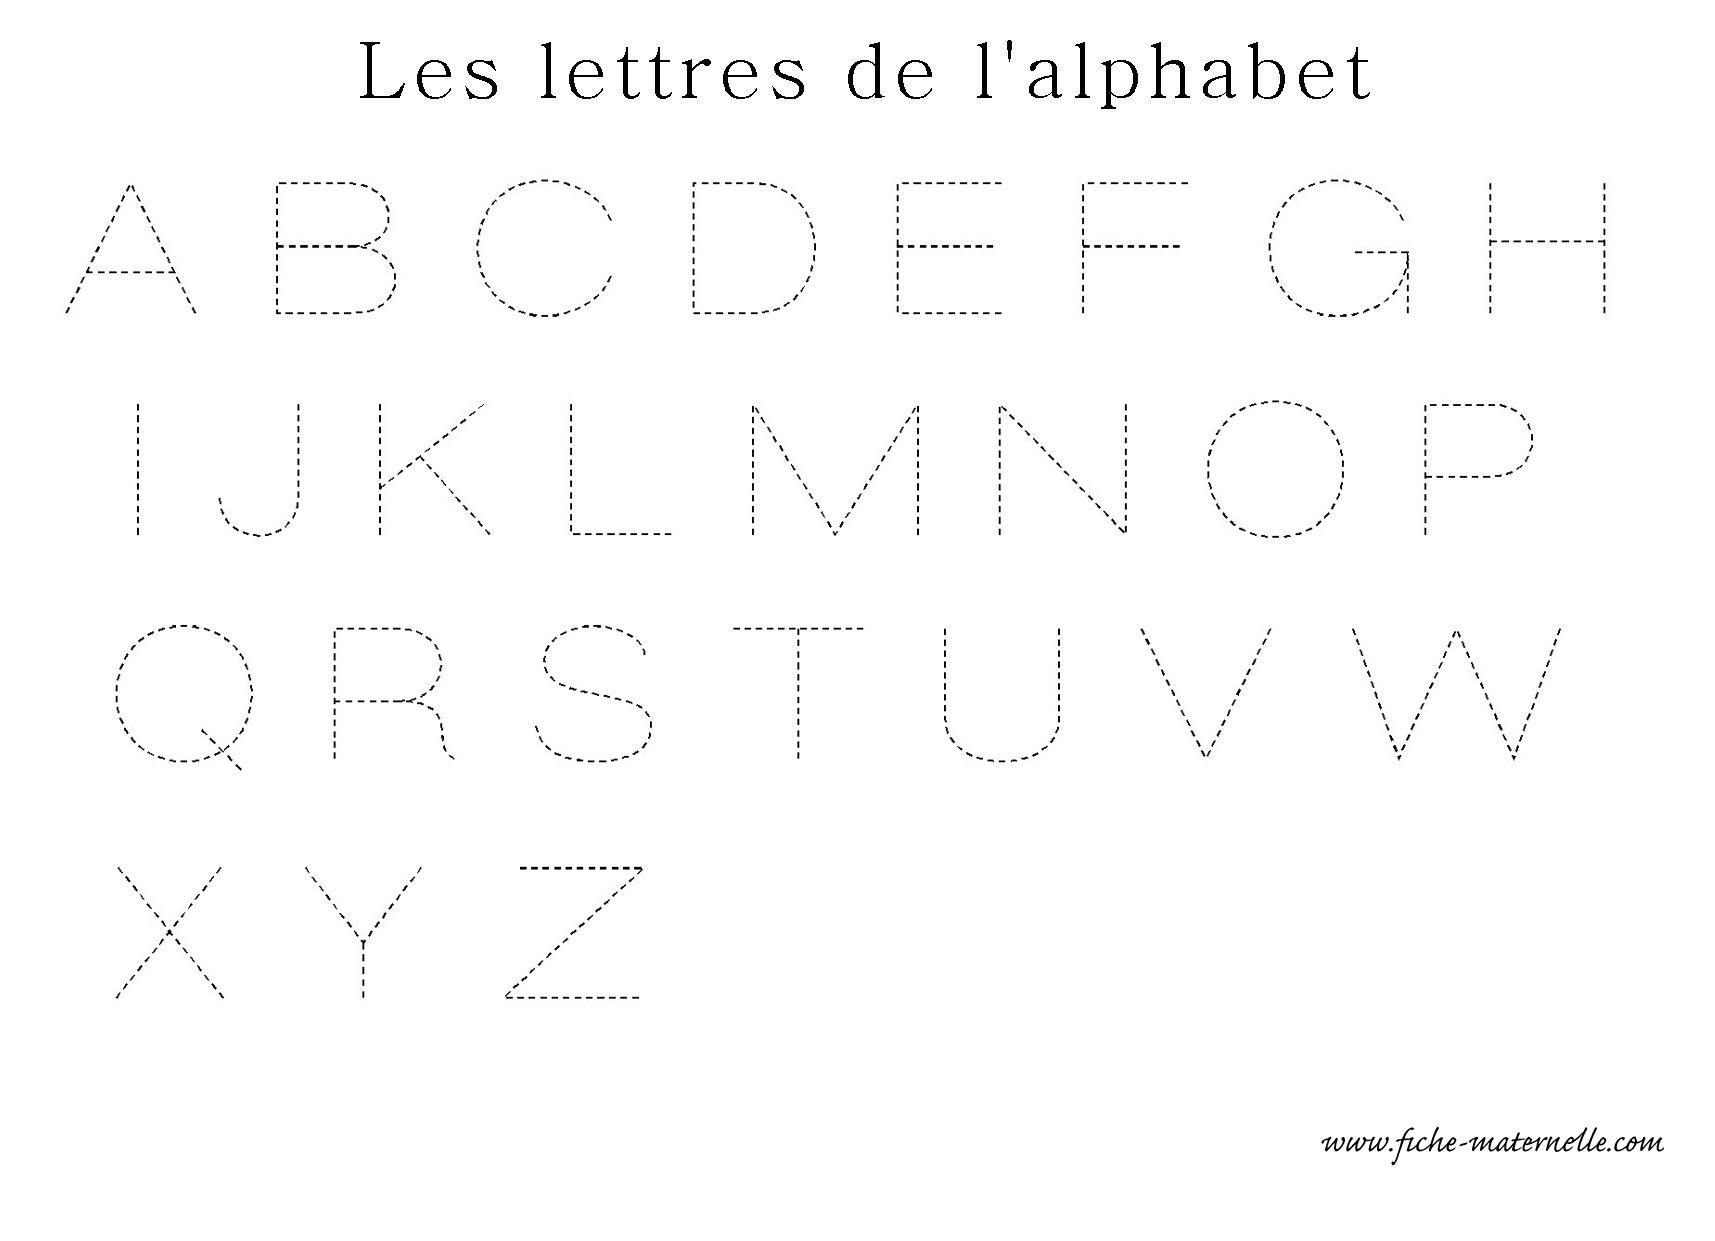 Apprendre A Ecrire Les Lettres De L Alphabet En Ecriture encequiconcerne Apprendre A Ecrire Les Lettres